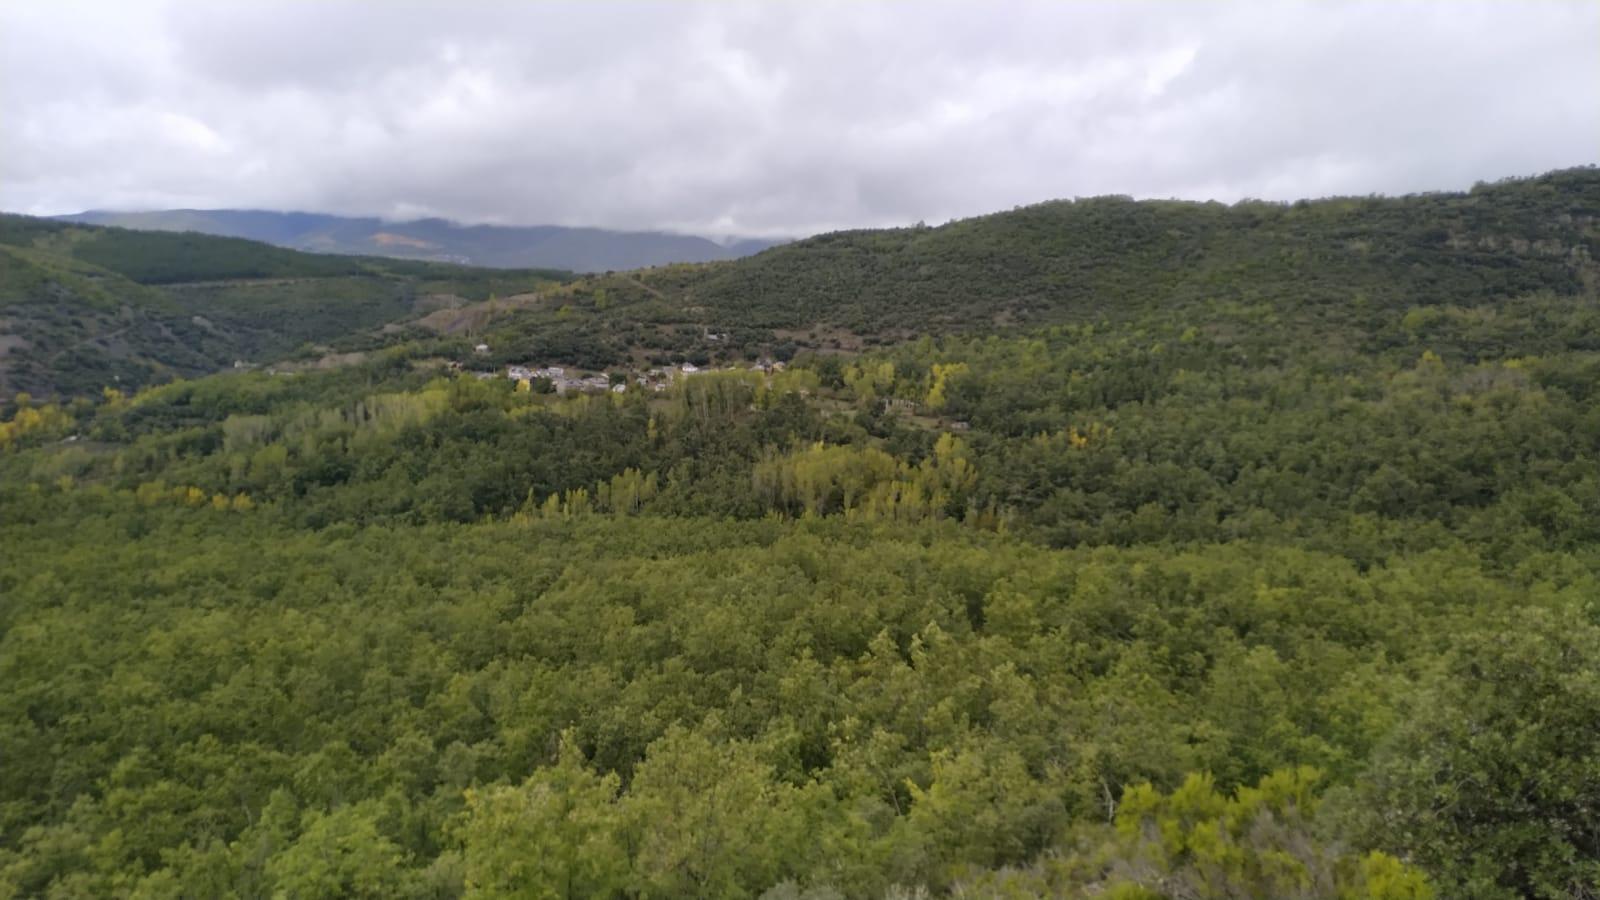 La Ruta de la Conquista un recorrido que permite conocer la naturaleza e historia del Bierzo Alto 4